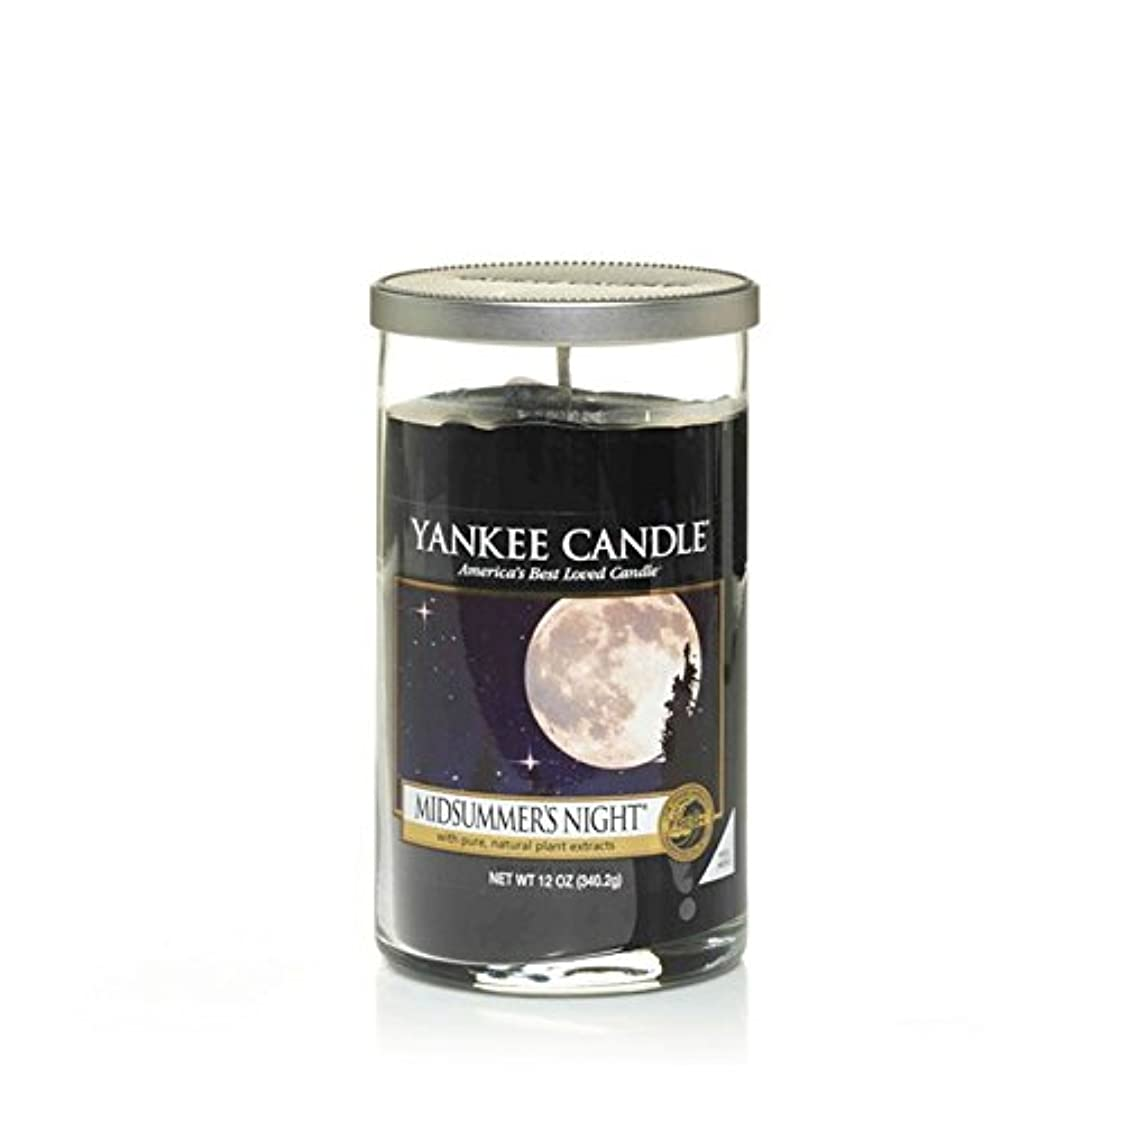 やりがいのあるストライク狂人ヤンキーキャンドルメディアピラーキャンドル - Midsummersの夜 - Yankee Candles Medium Pillar Candle - Midsummers Night (Yankee Candles)...